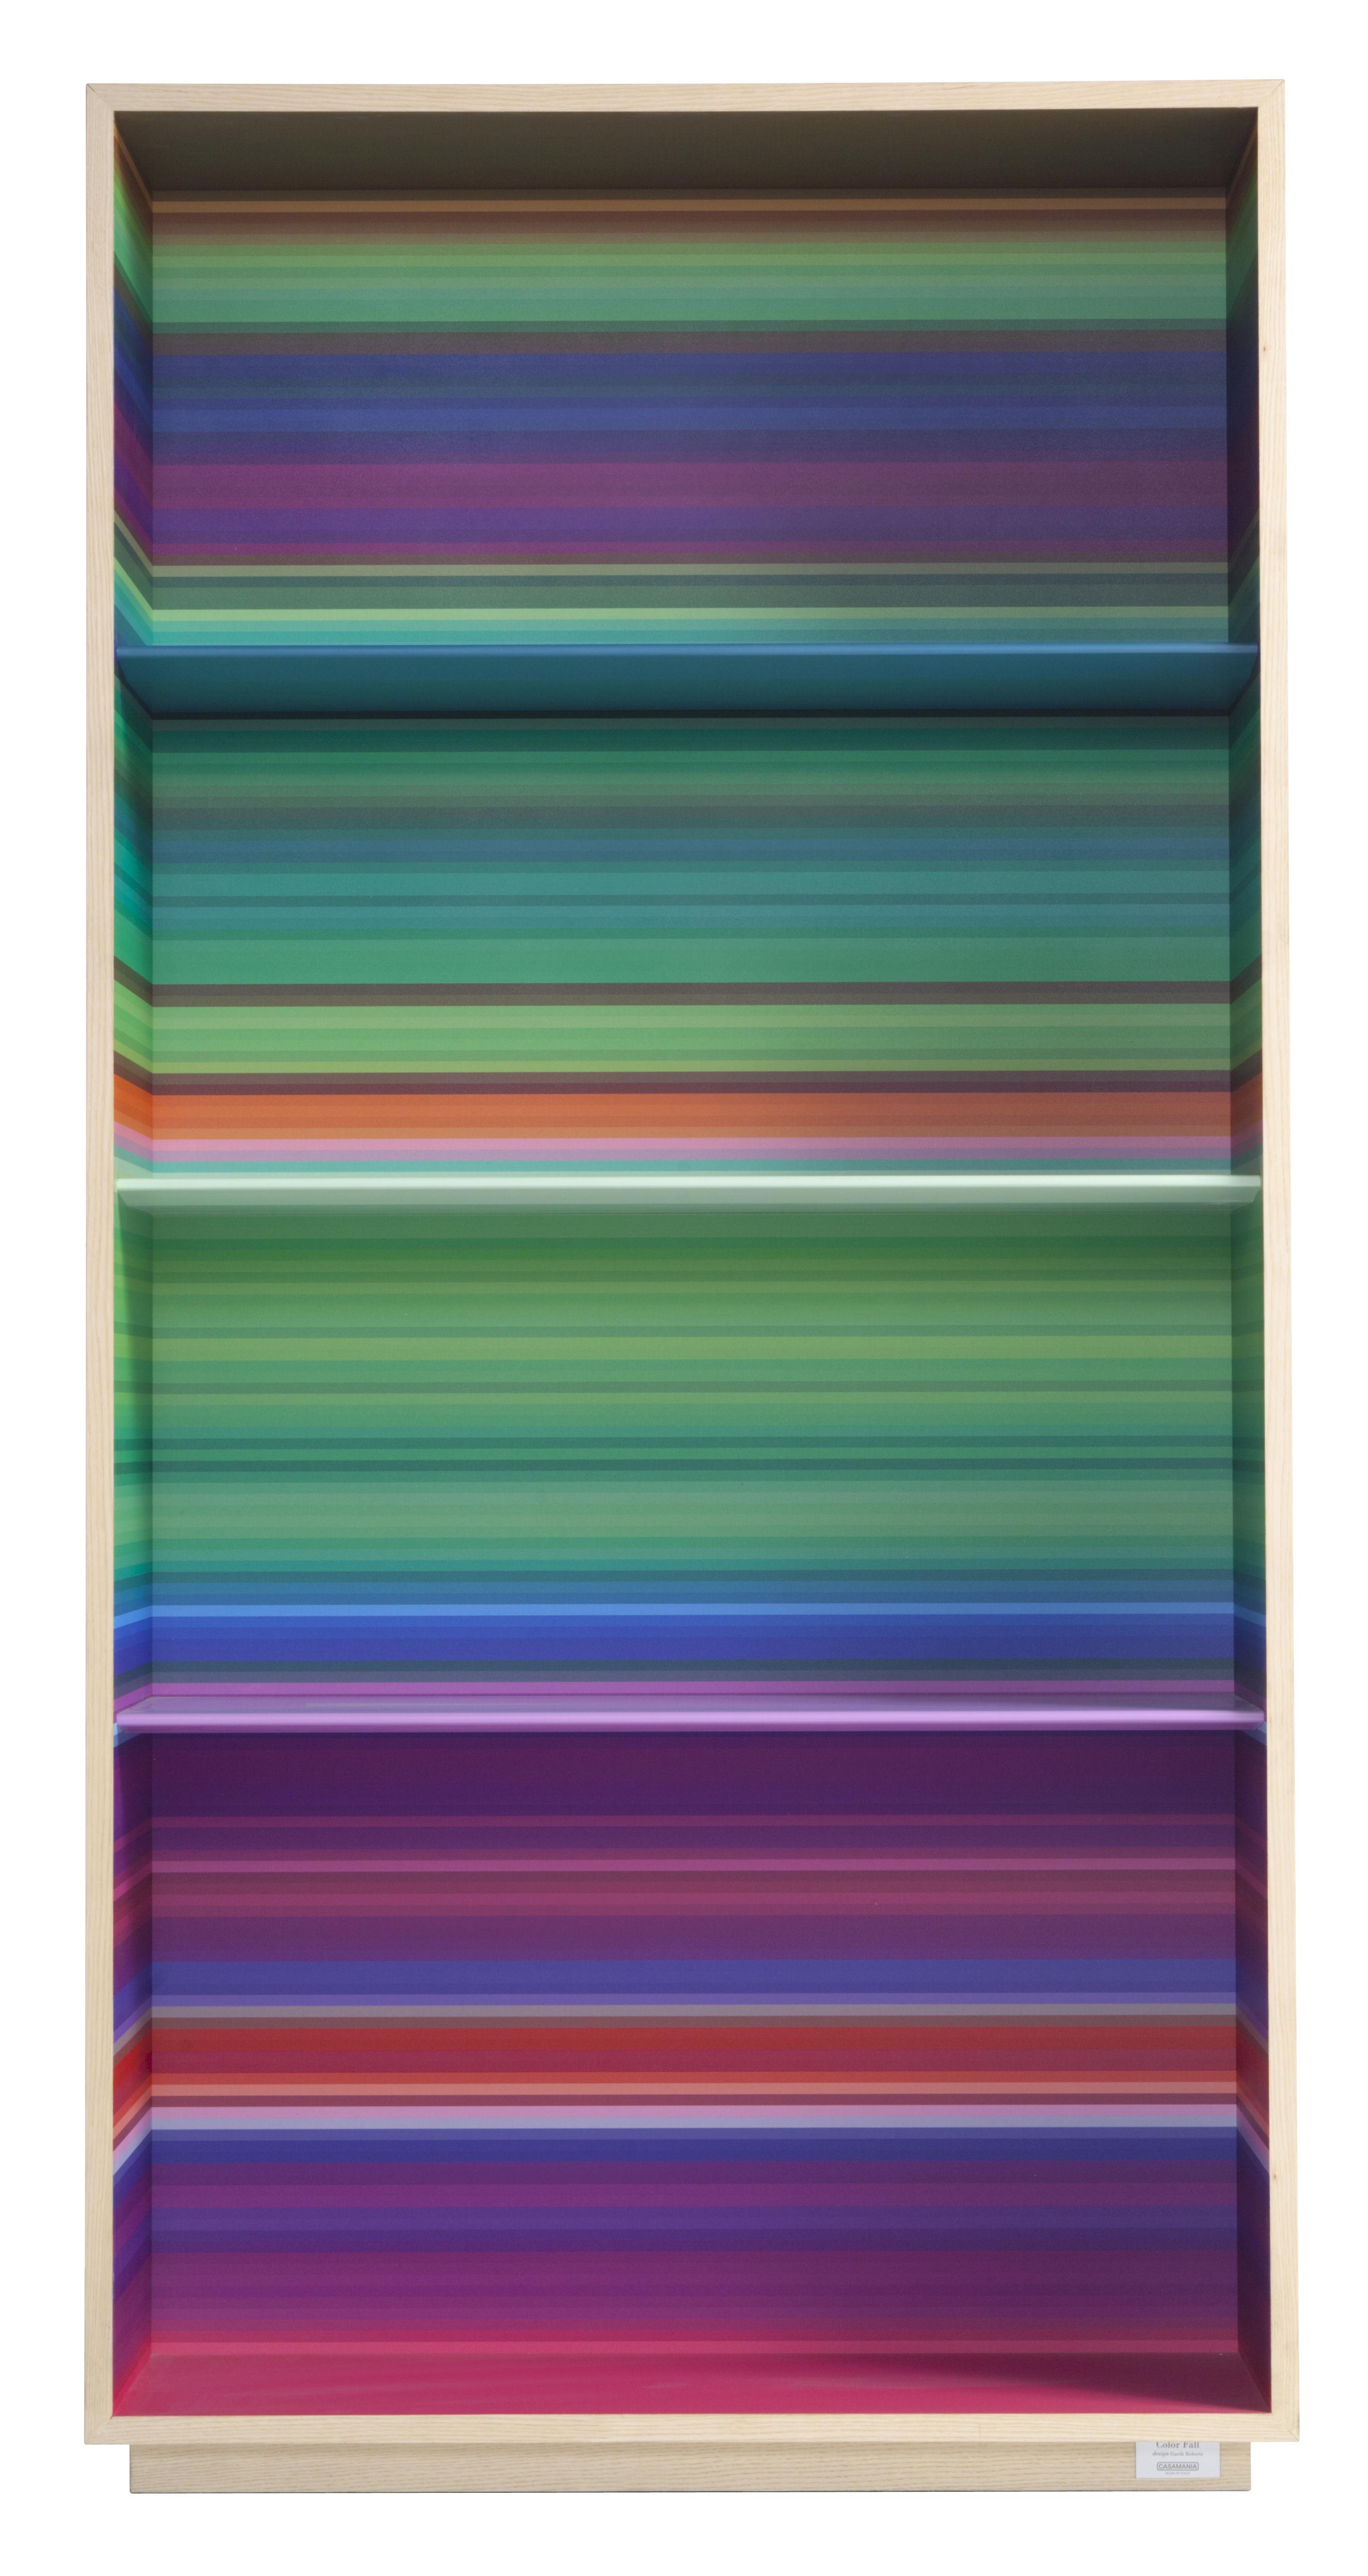 Mobilier - Etagères & bibliothèques - Bibliothèque Color Fall / L 90 x H 160 cm - Casamania - Bois clair / Intérieur multicolore - Mélamine